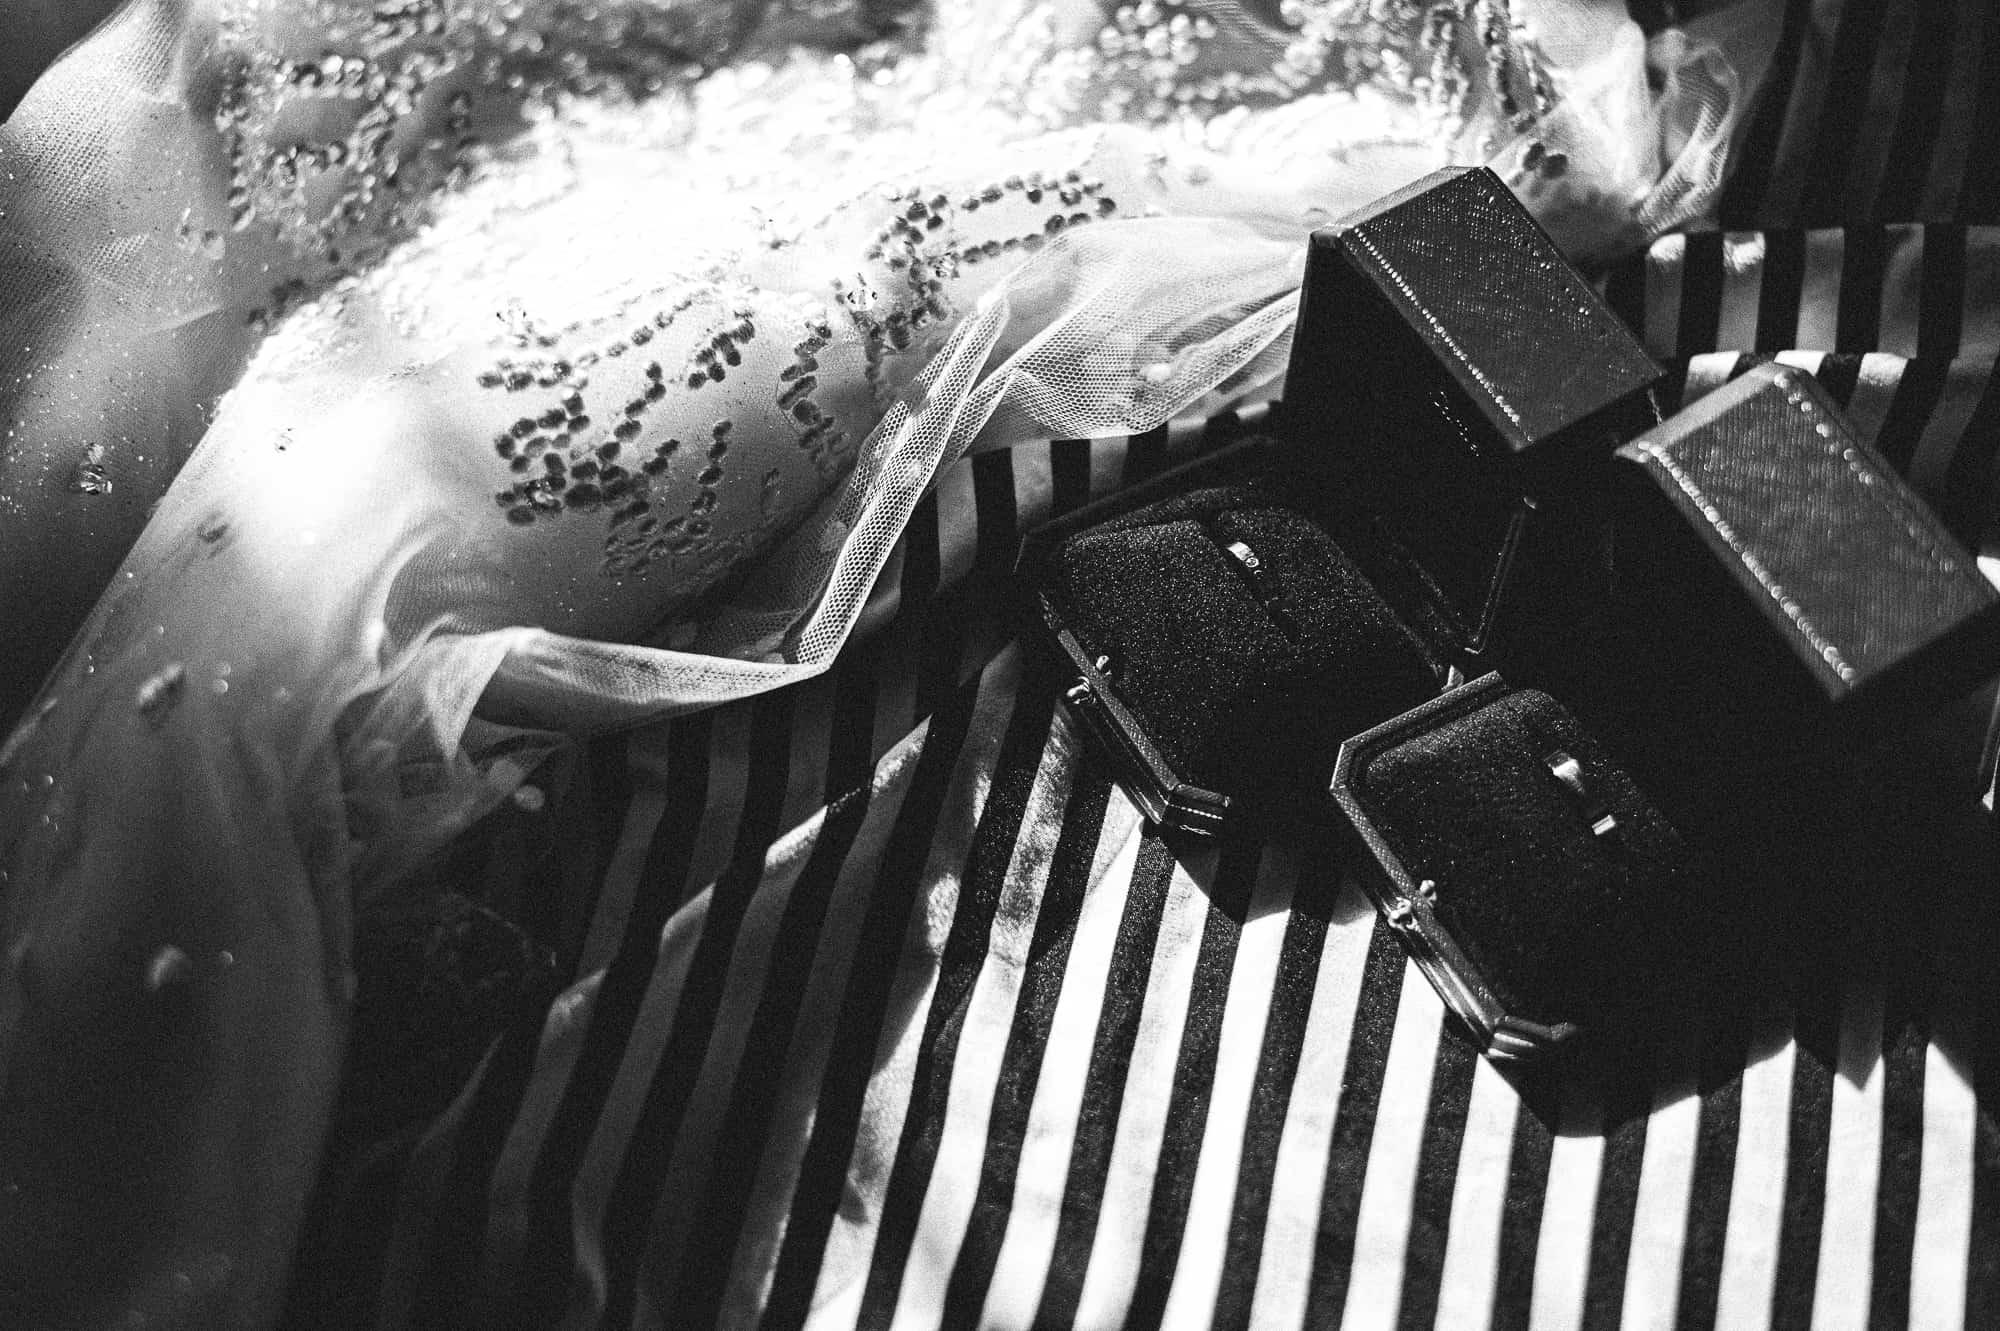 婚禮紀錄,婚攝,婚禮攝影,北部婚攝,婚紗,包套,新秘,喬克,桃園,花田盛事,雙機攝影,平面攝影,類婚紗,黑白,影像,